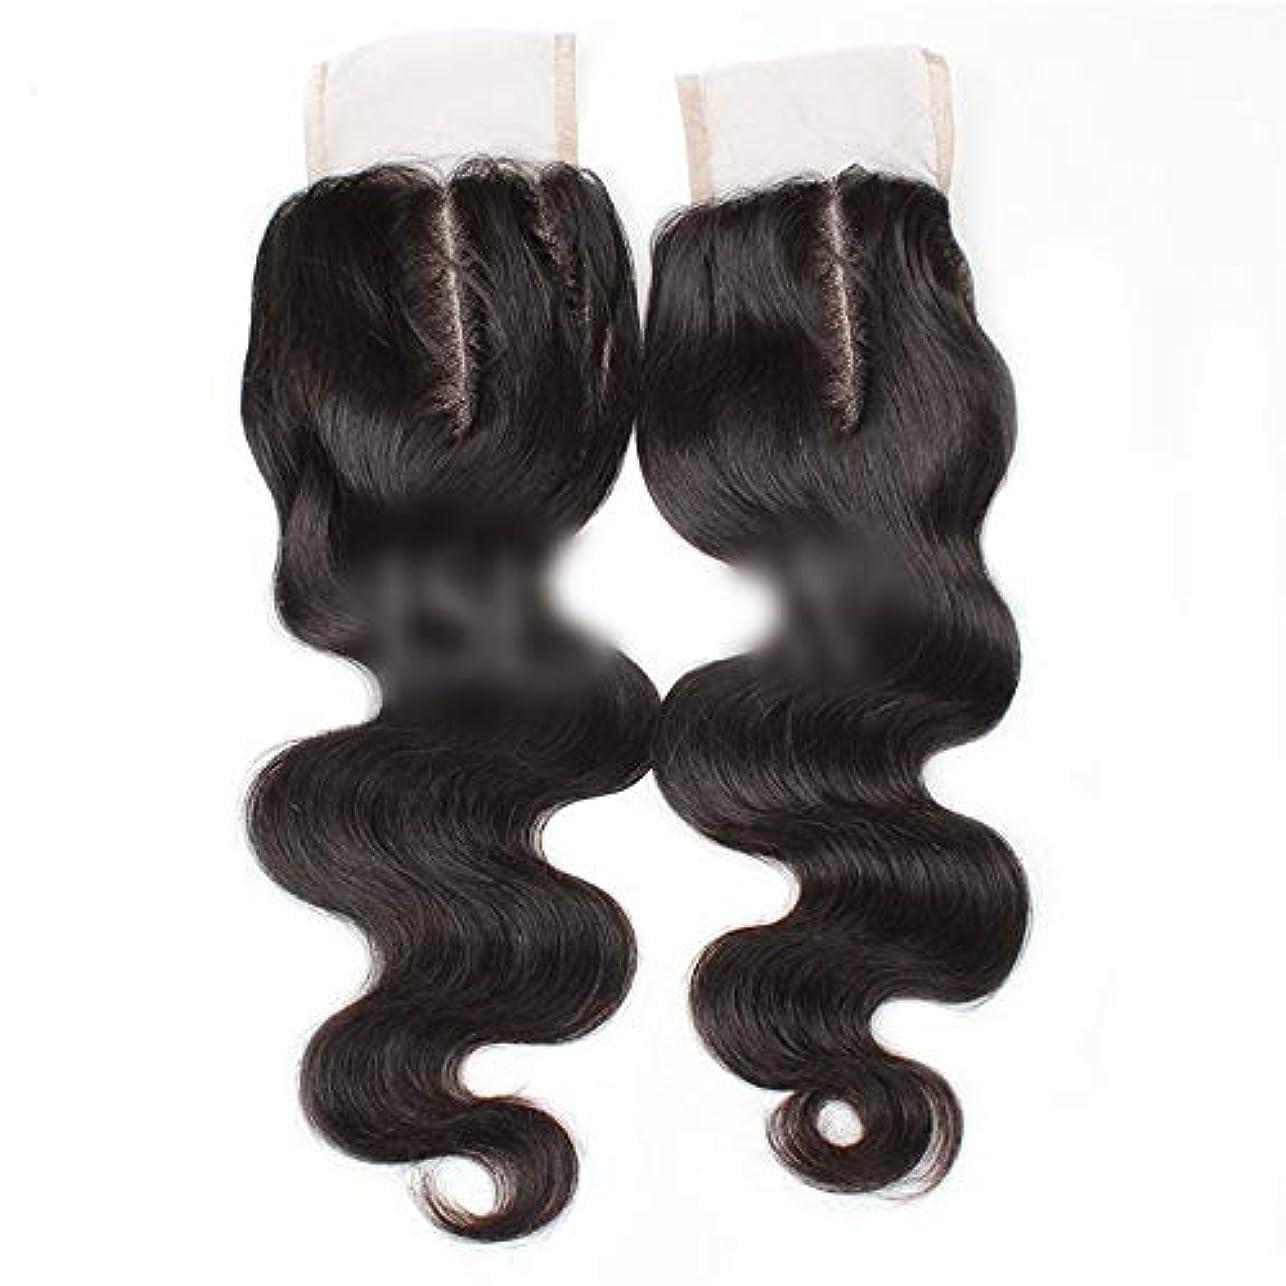 ハンマーハリケーン他の日WASAIO ブラジルの髪の女性生物ブラック8用ボディウェーブ上腹部パート人間の髪「-20」4X4レースクロージャー (色 : 黒, サイズ : 18 inch)